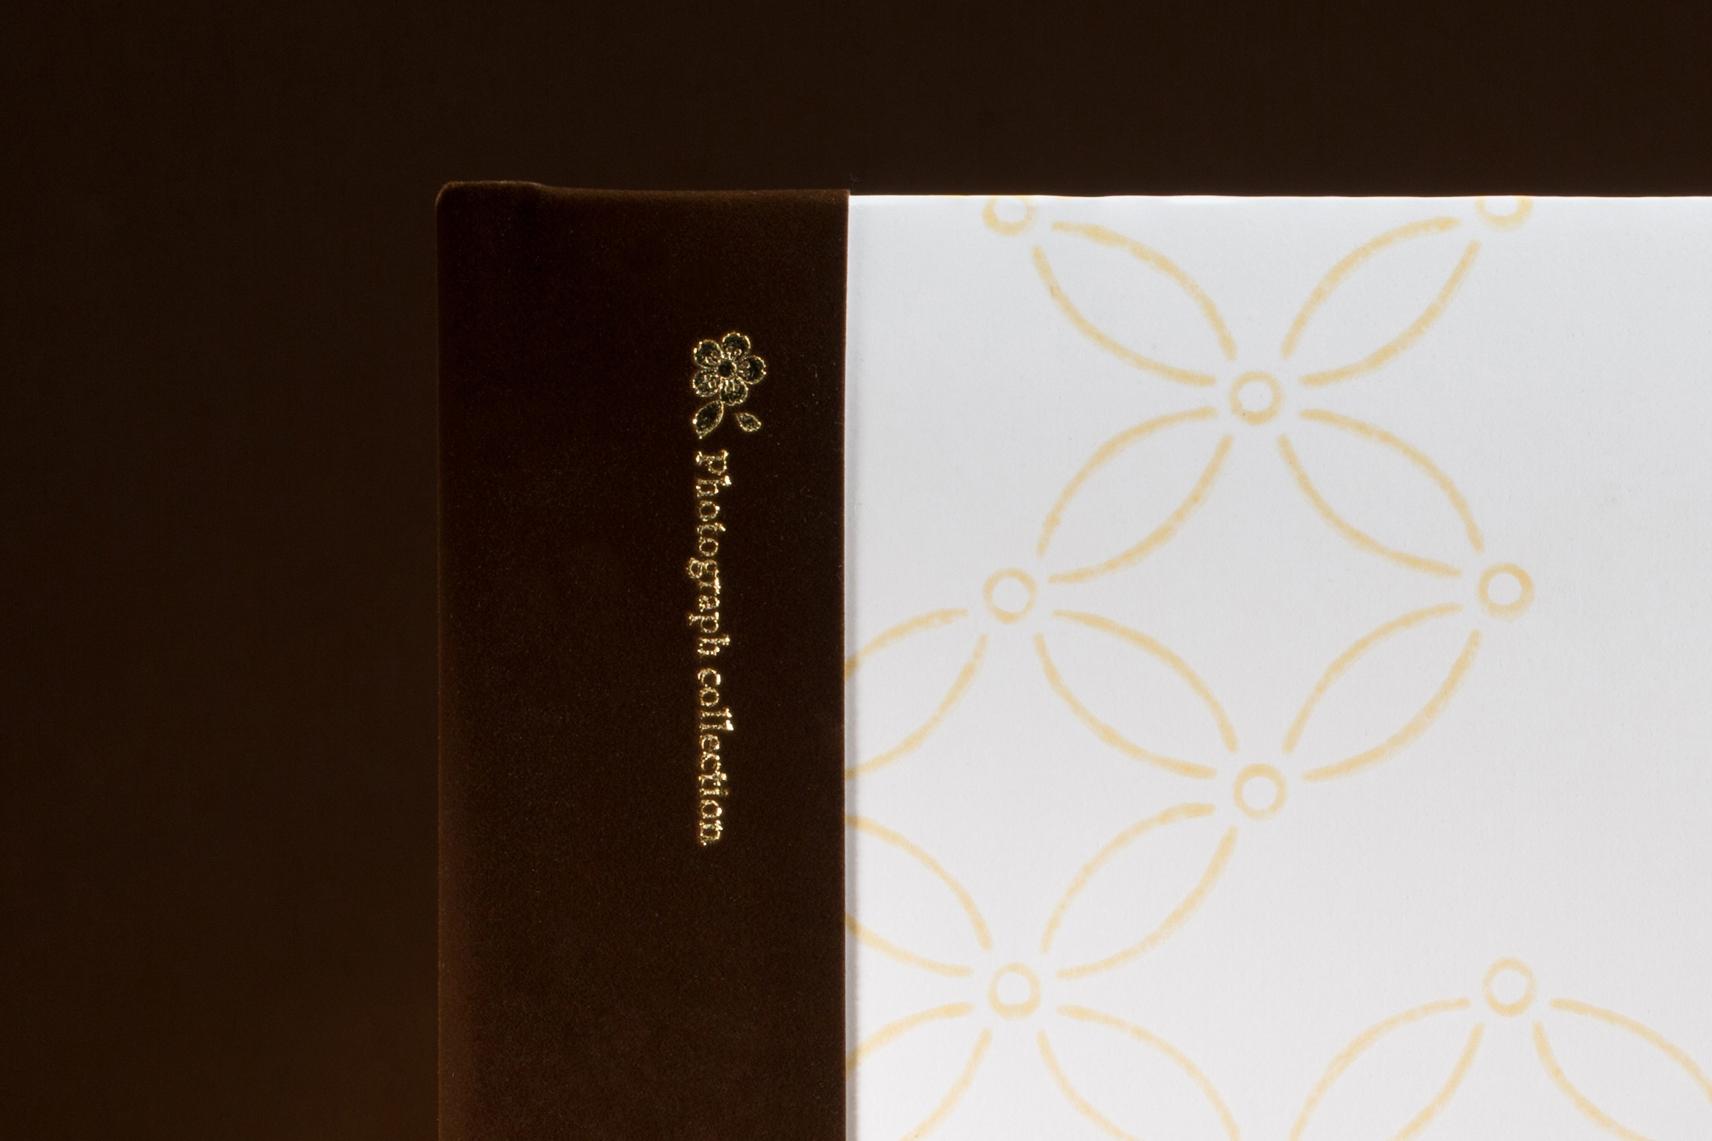 結婚式アルバム 七宝 Sippo